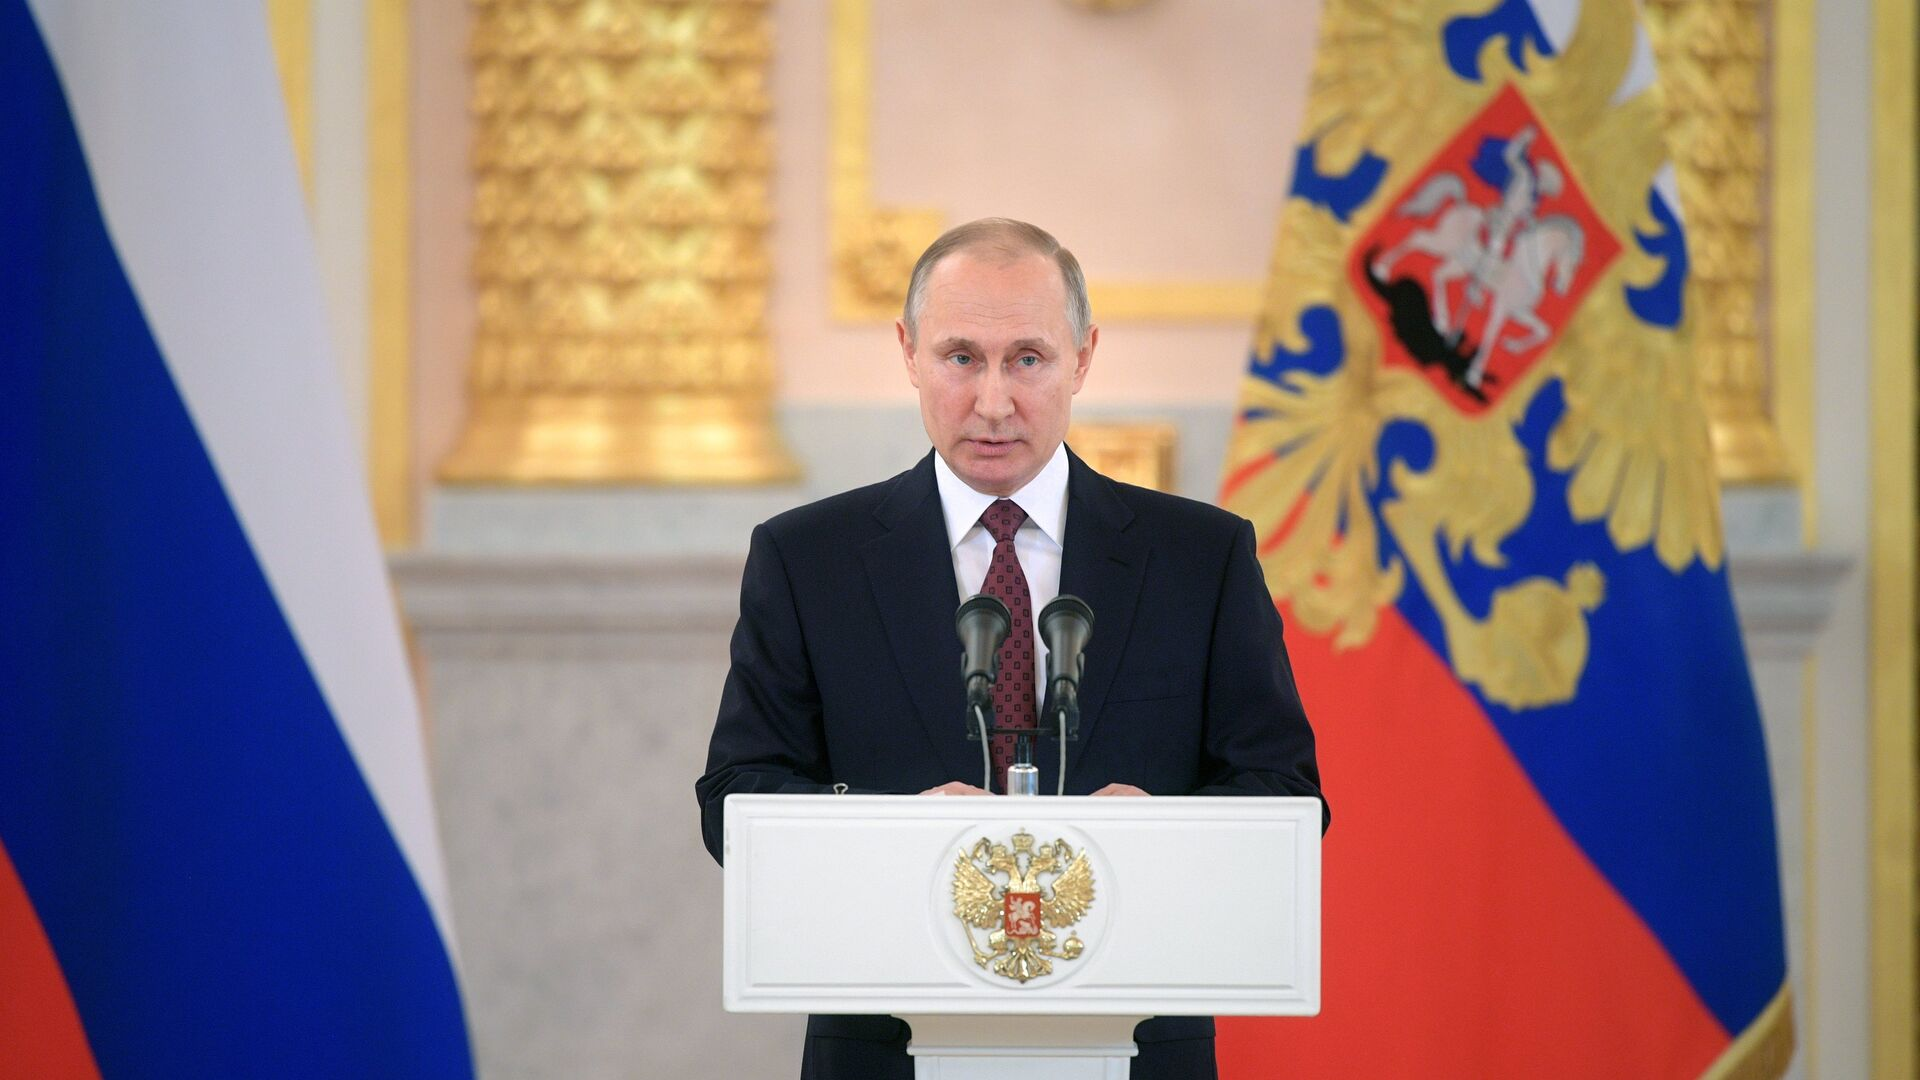 Vladímir Putin, presidente de Rusia, durante ceremonia de recepción de cartas credenciales - Sputnik Mundo, 1920, 17.05.2021